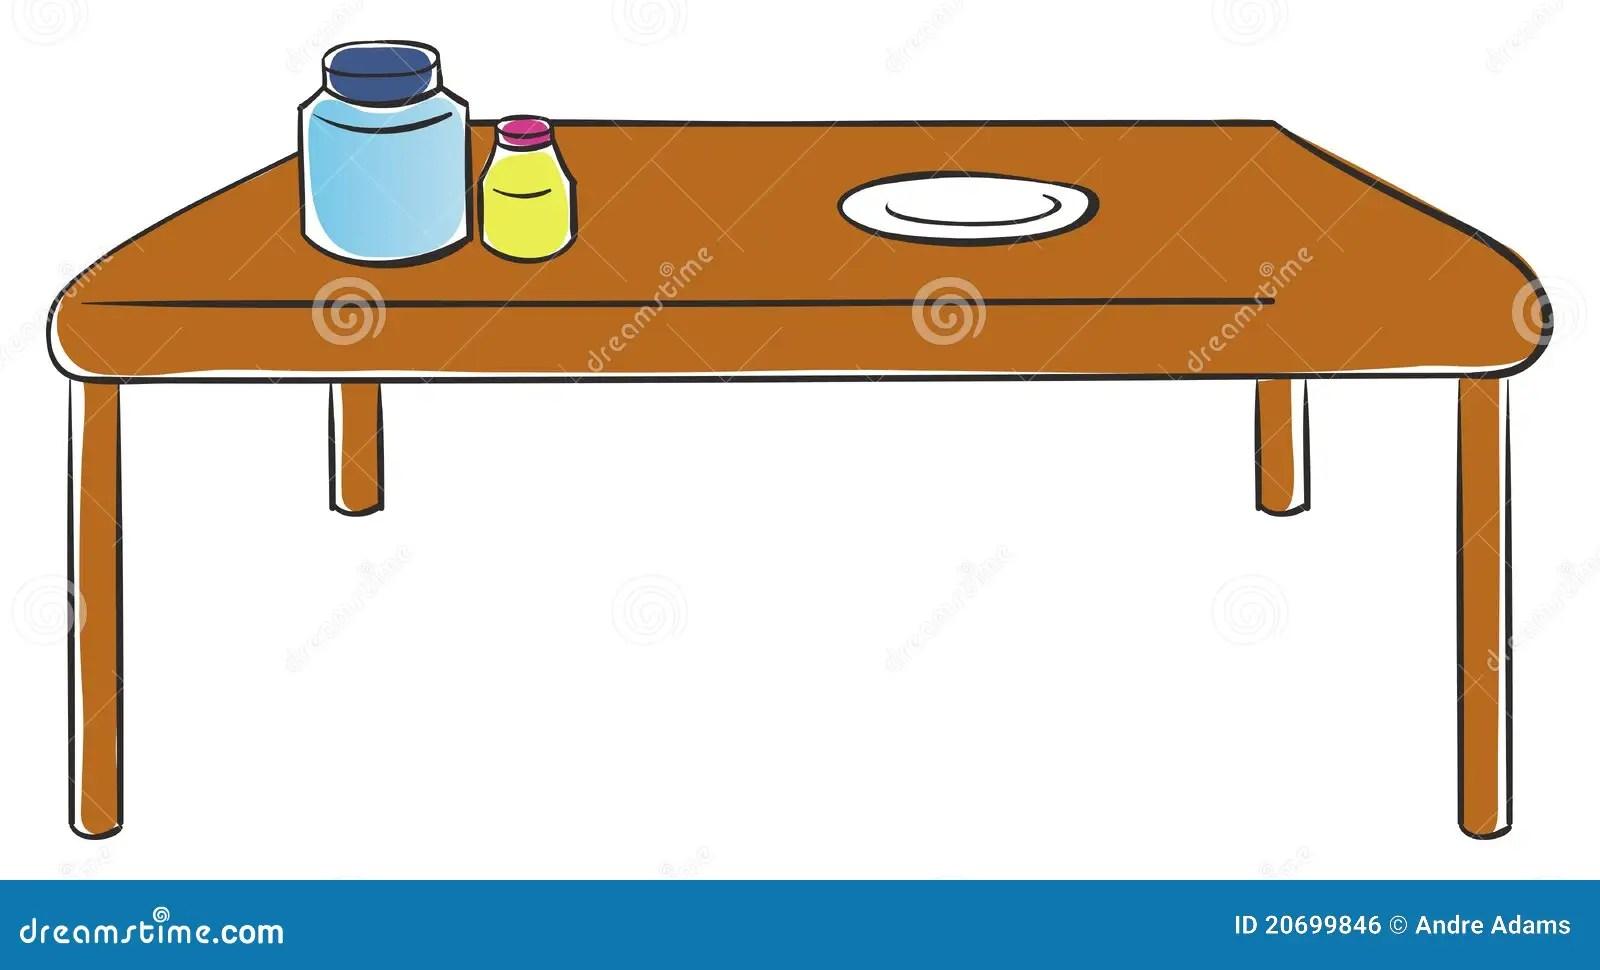 Table de cuisine illustration de vecteur Illustration du illustration  20699846